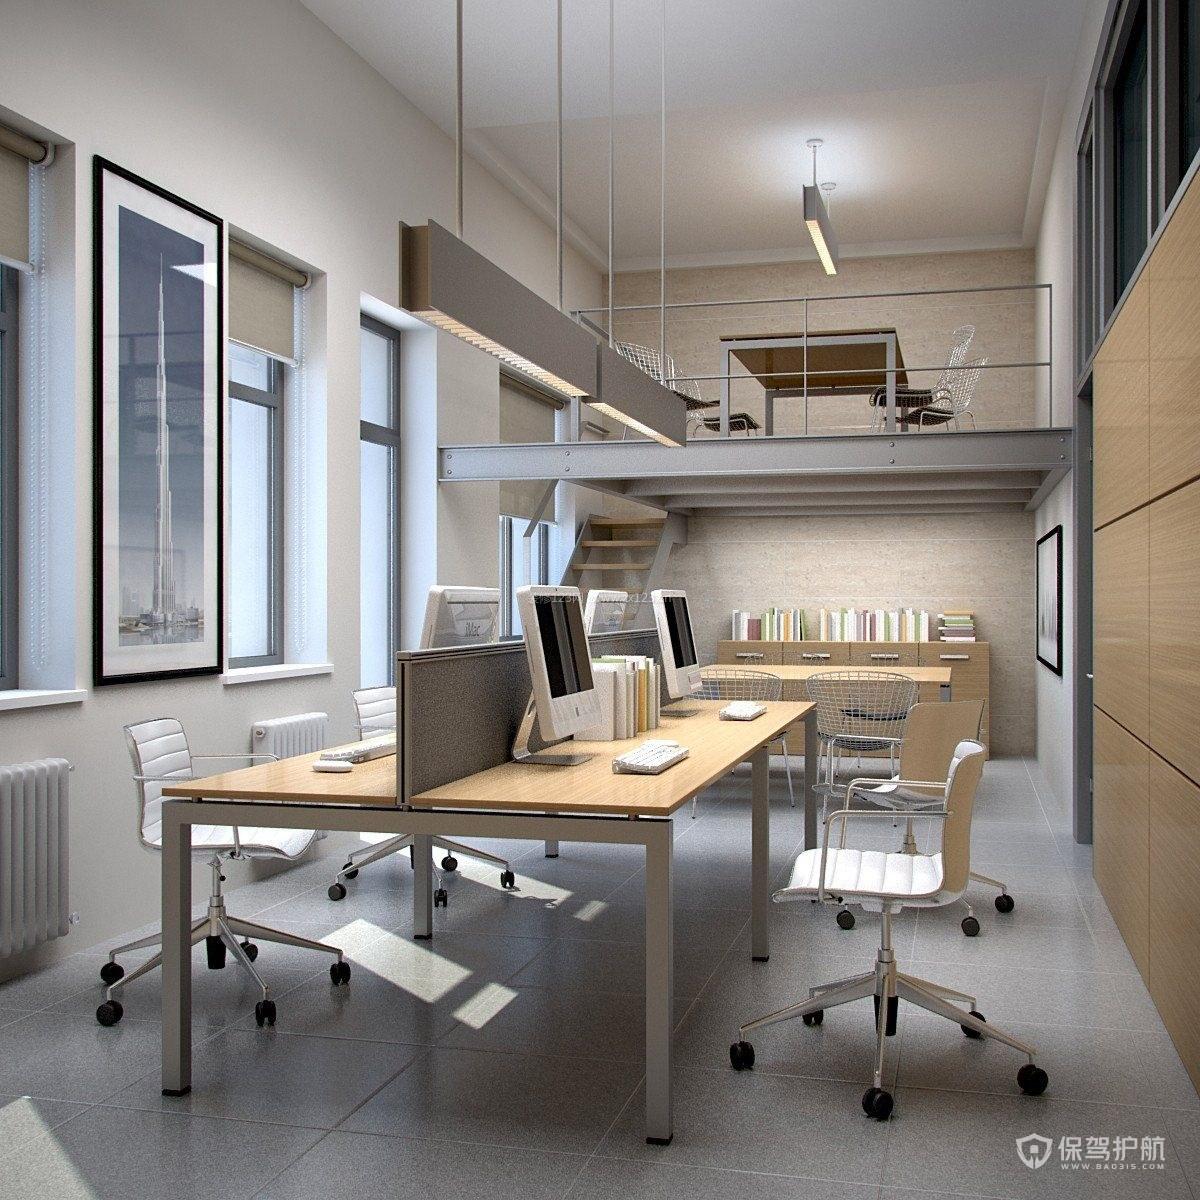 极简清新开放式双层办公区设计图